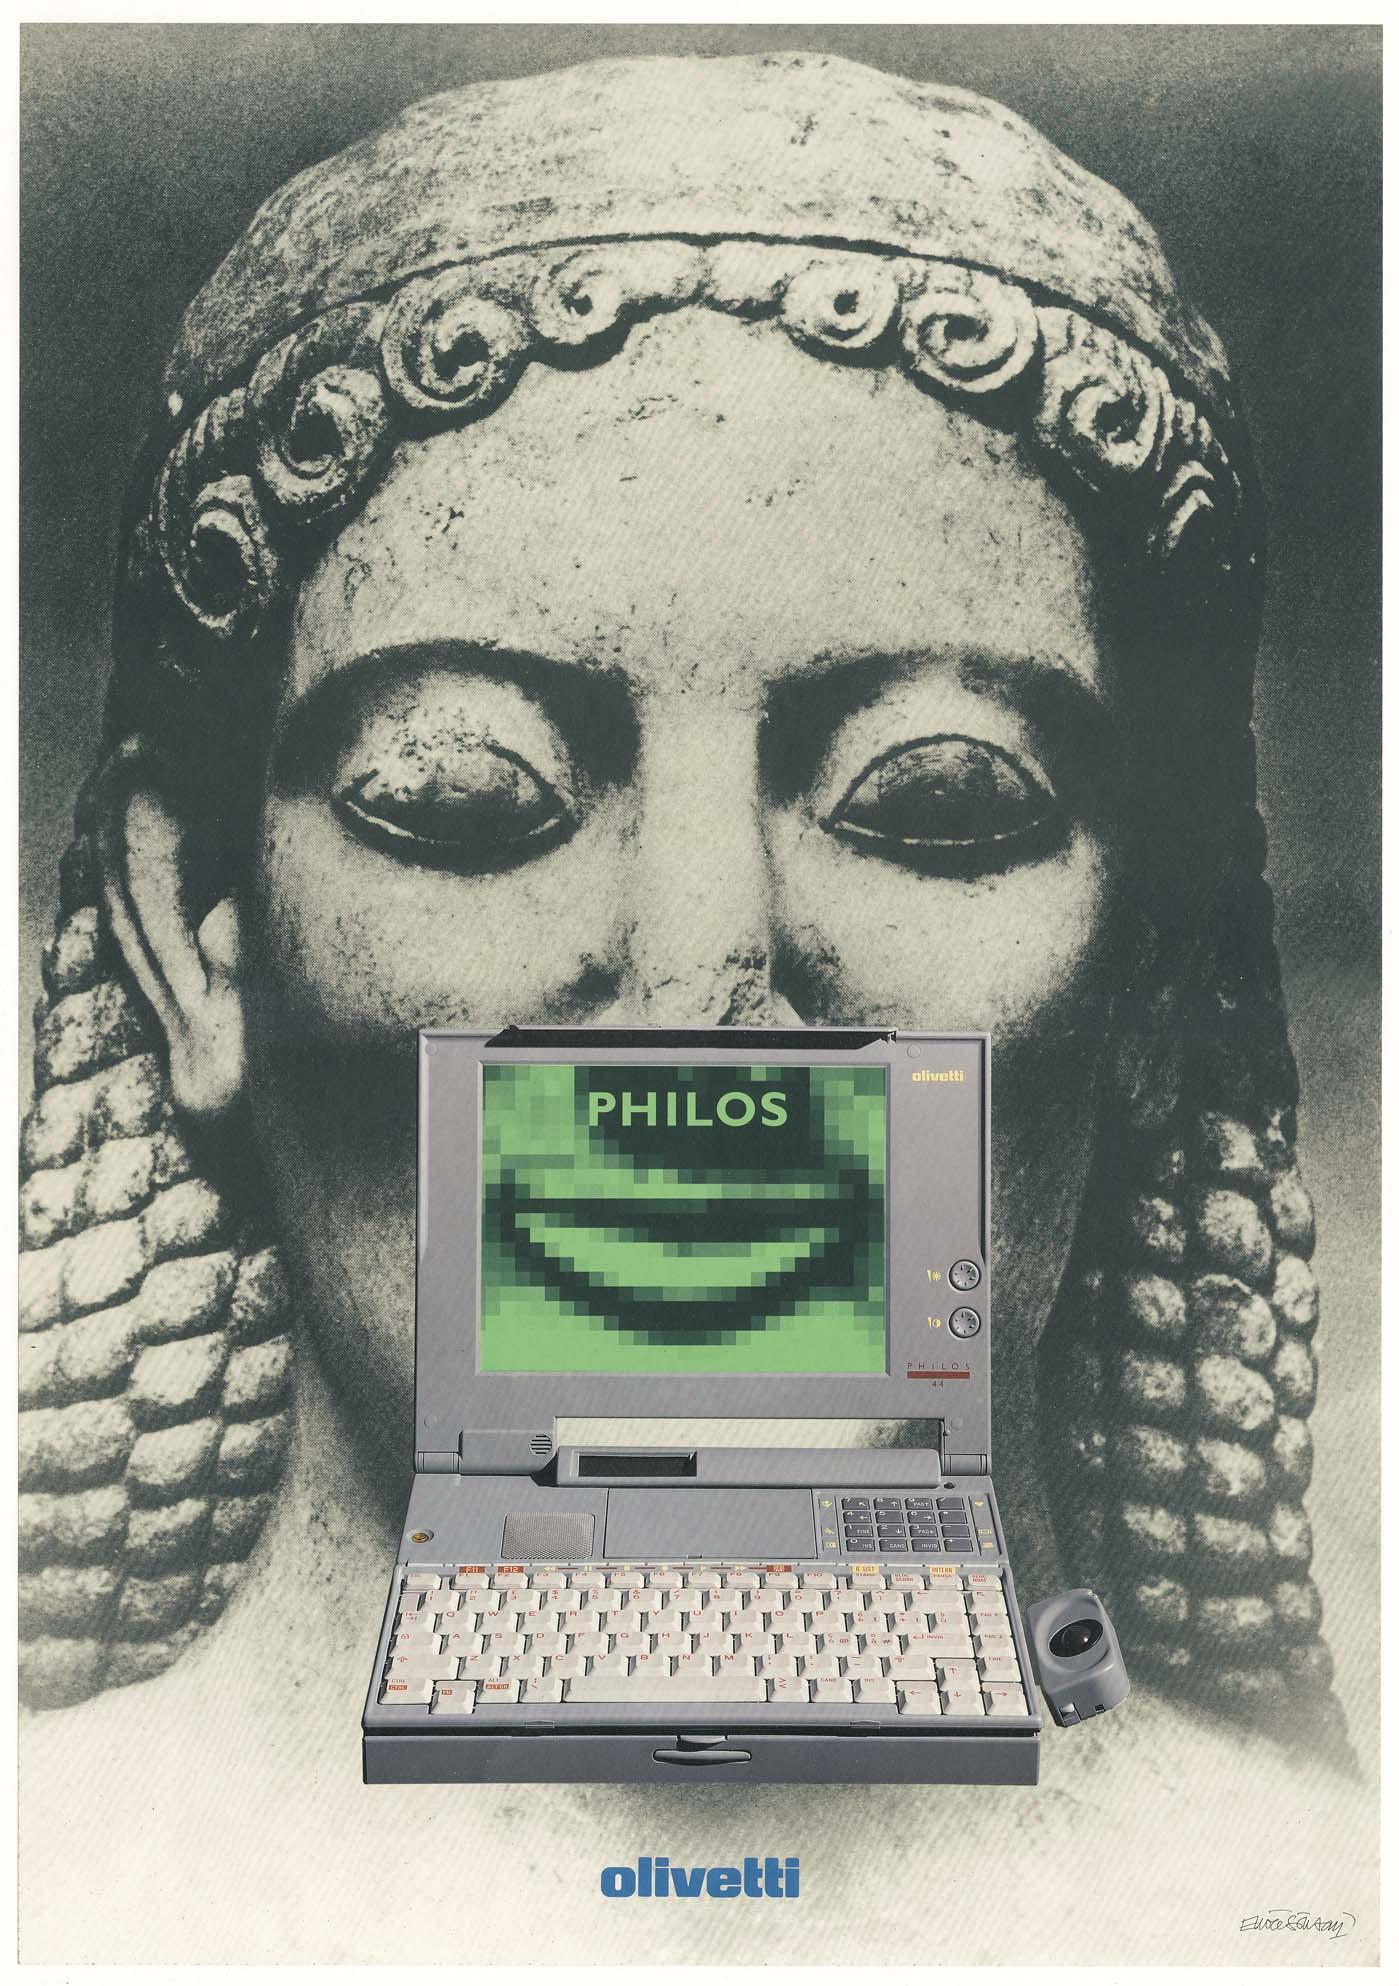 Olivetti Philos